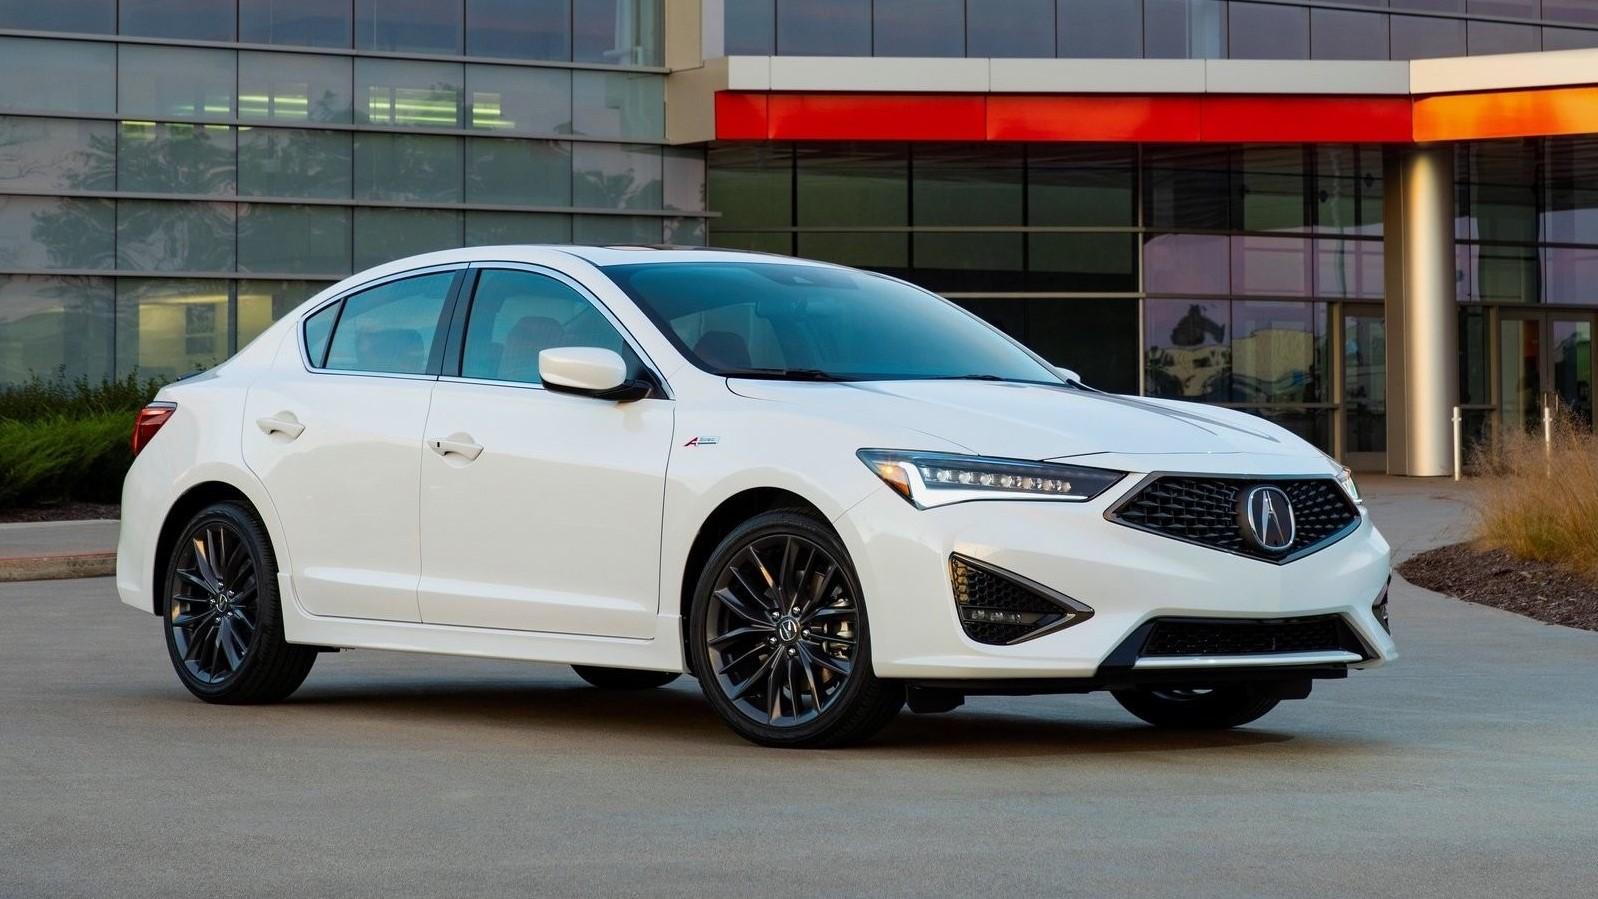 El Acura ILX A-Spec 2019 tiene un diseño más radical